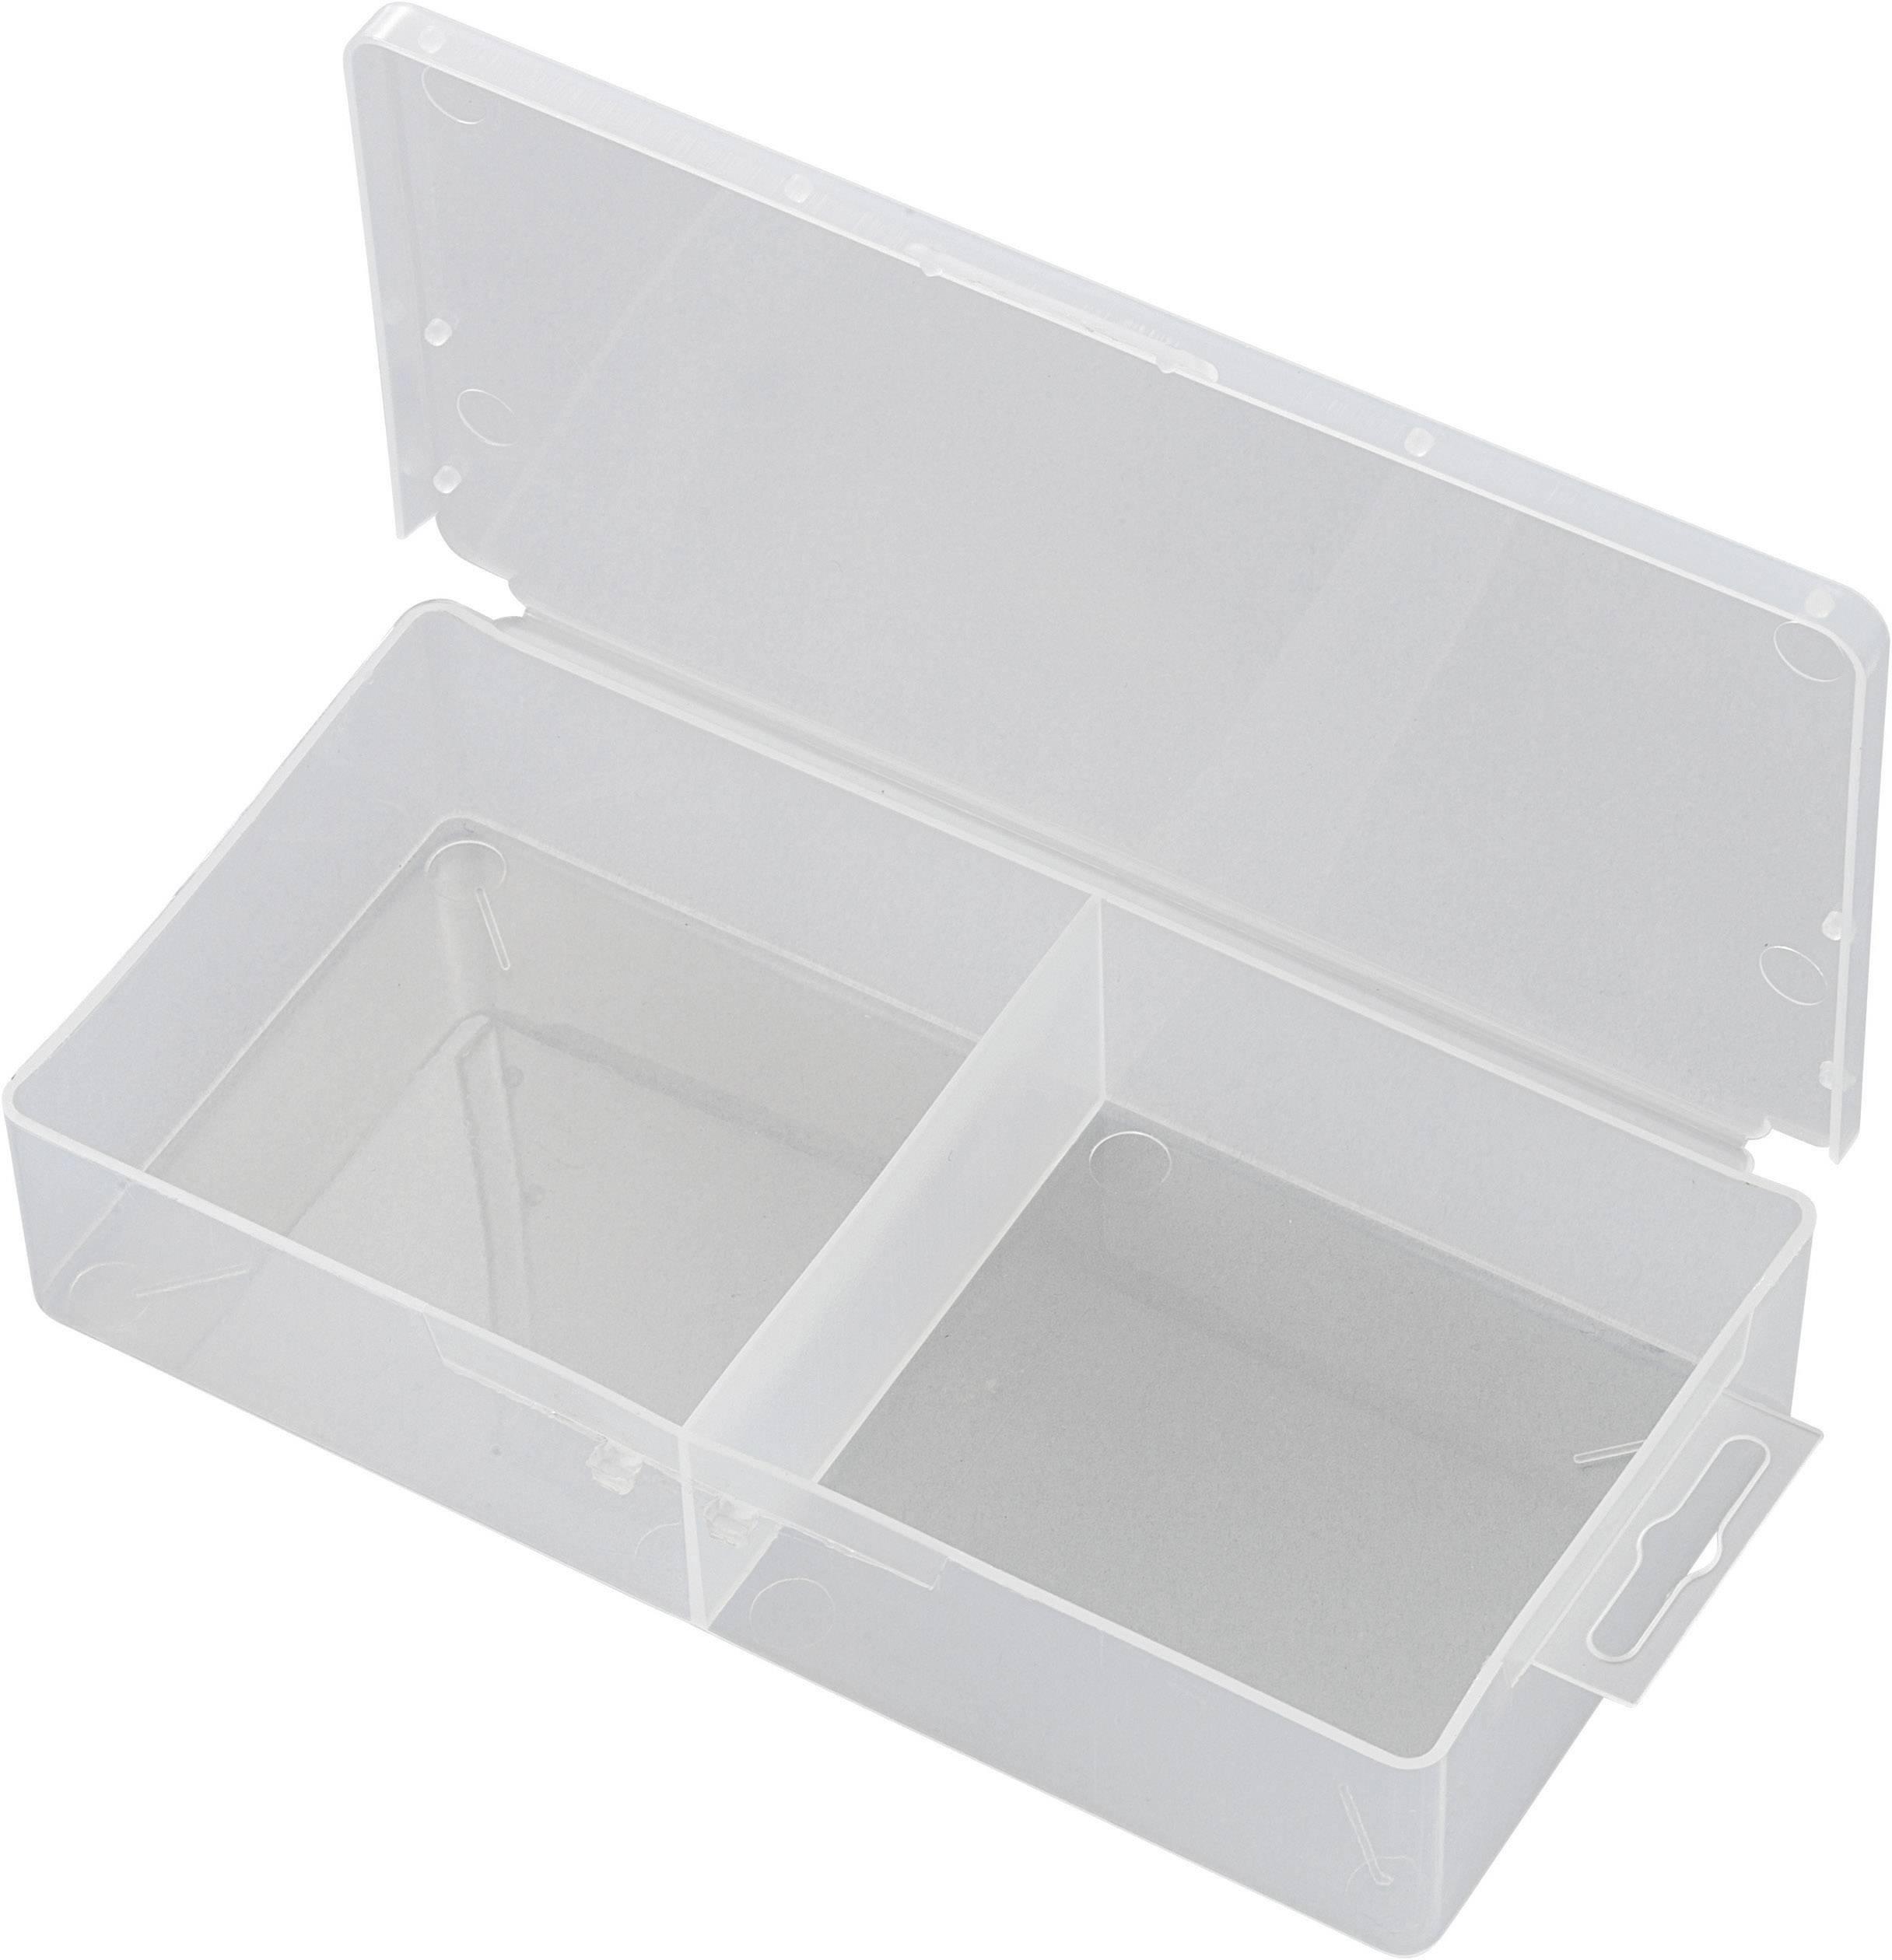 Krabička na malé součástky TRU COMPONENTS, SG817-02, 1566599, přihrádek: 2, 173 x 86 x 35 , transparentní (difuzní)